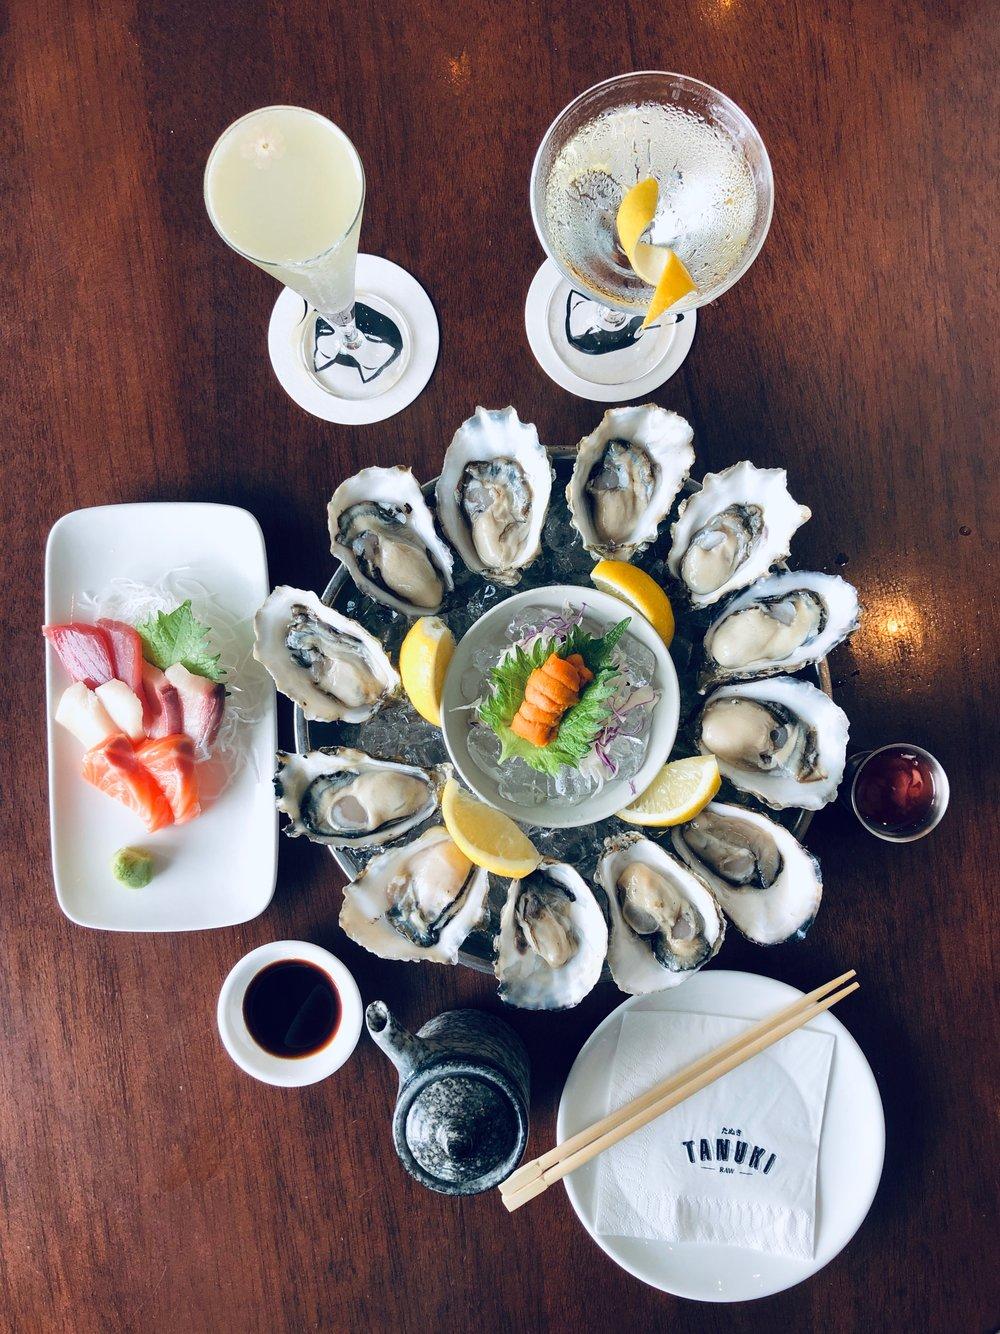 Tanuki Raw Oysters.jpg